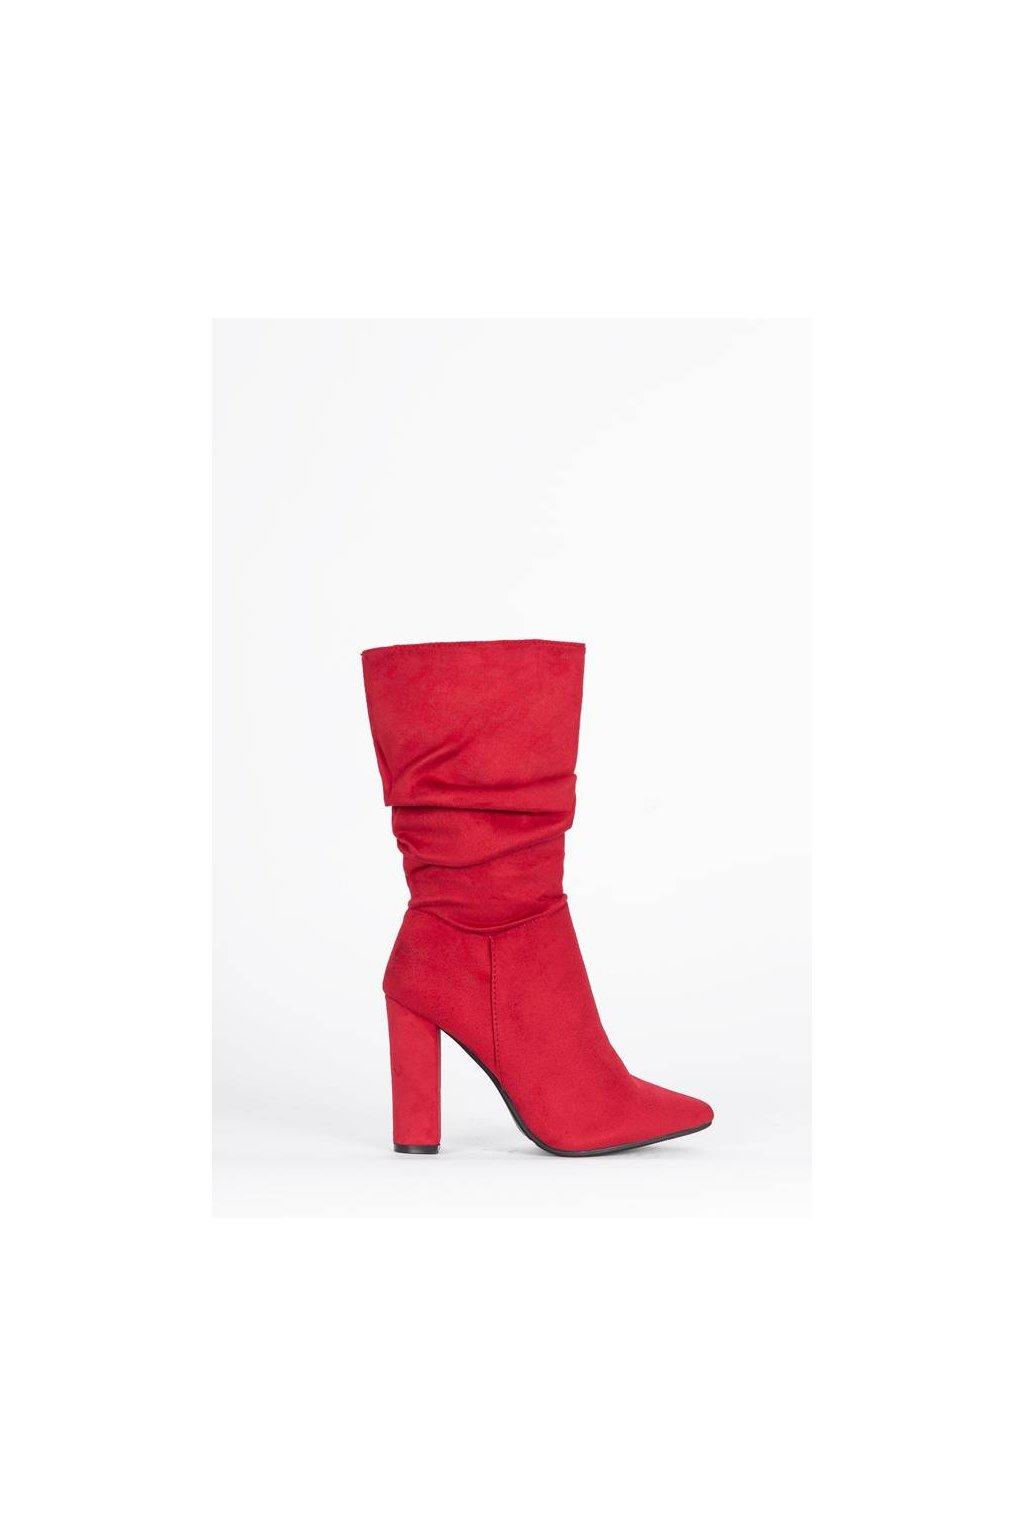 Dámske topánky čižmy červené kód - GM